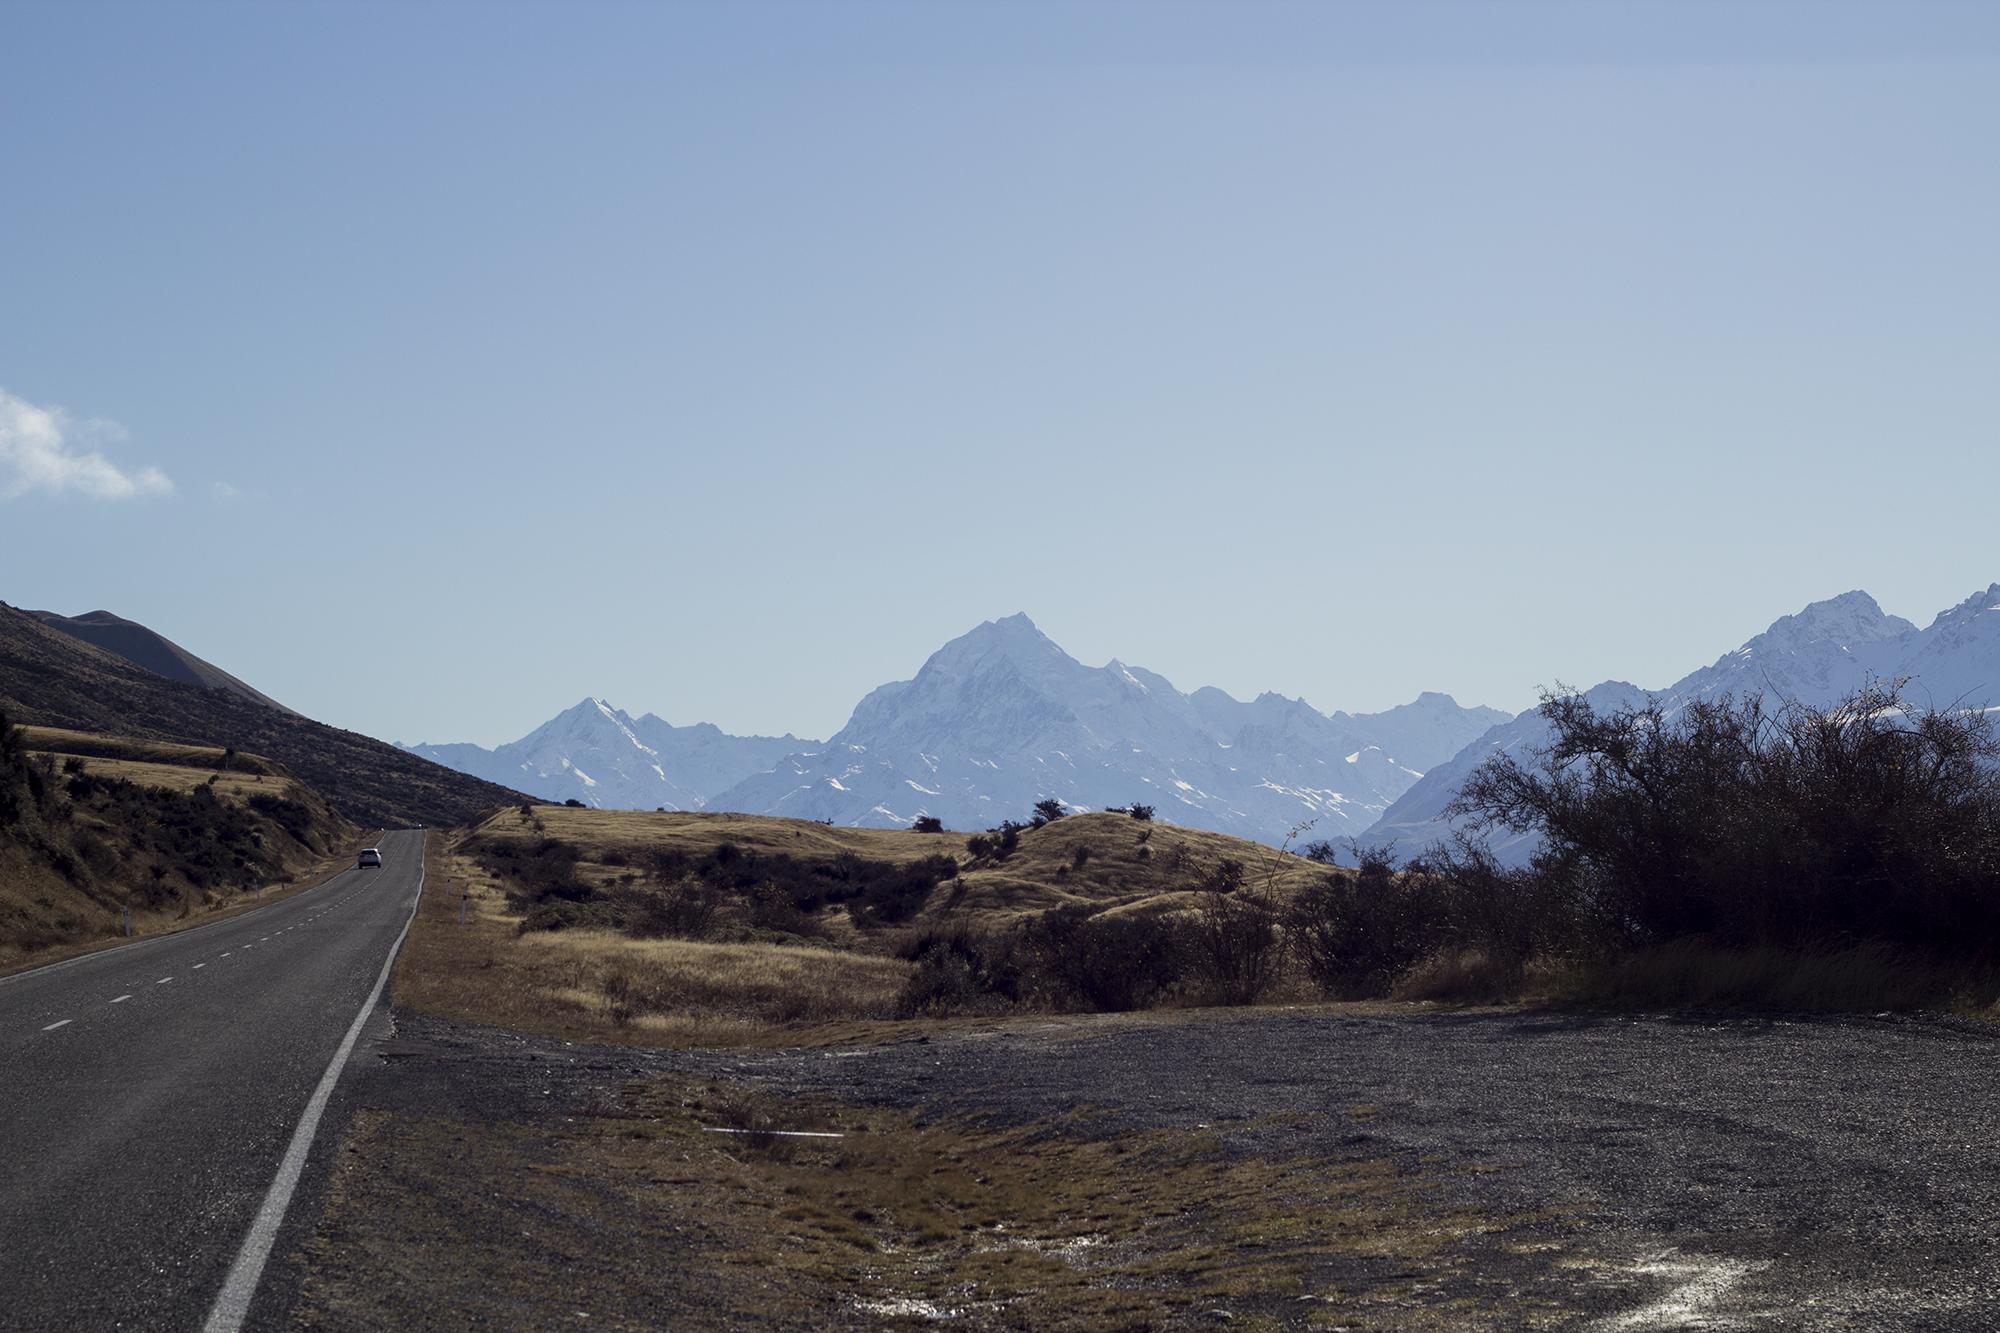 Mount Cook / Lake Pukaki